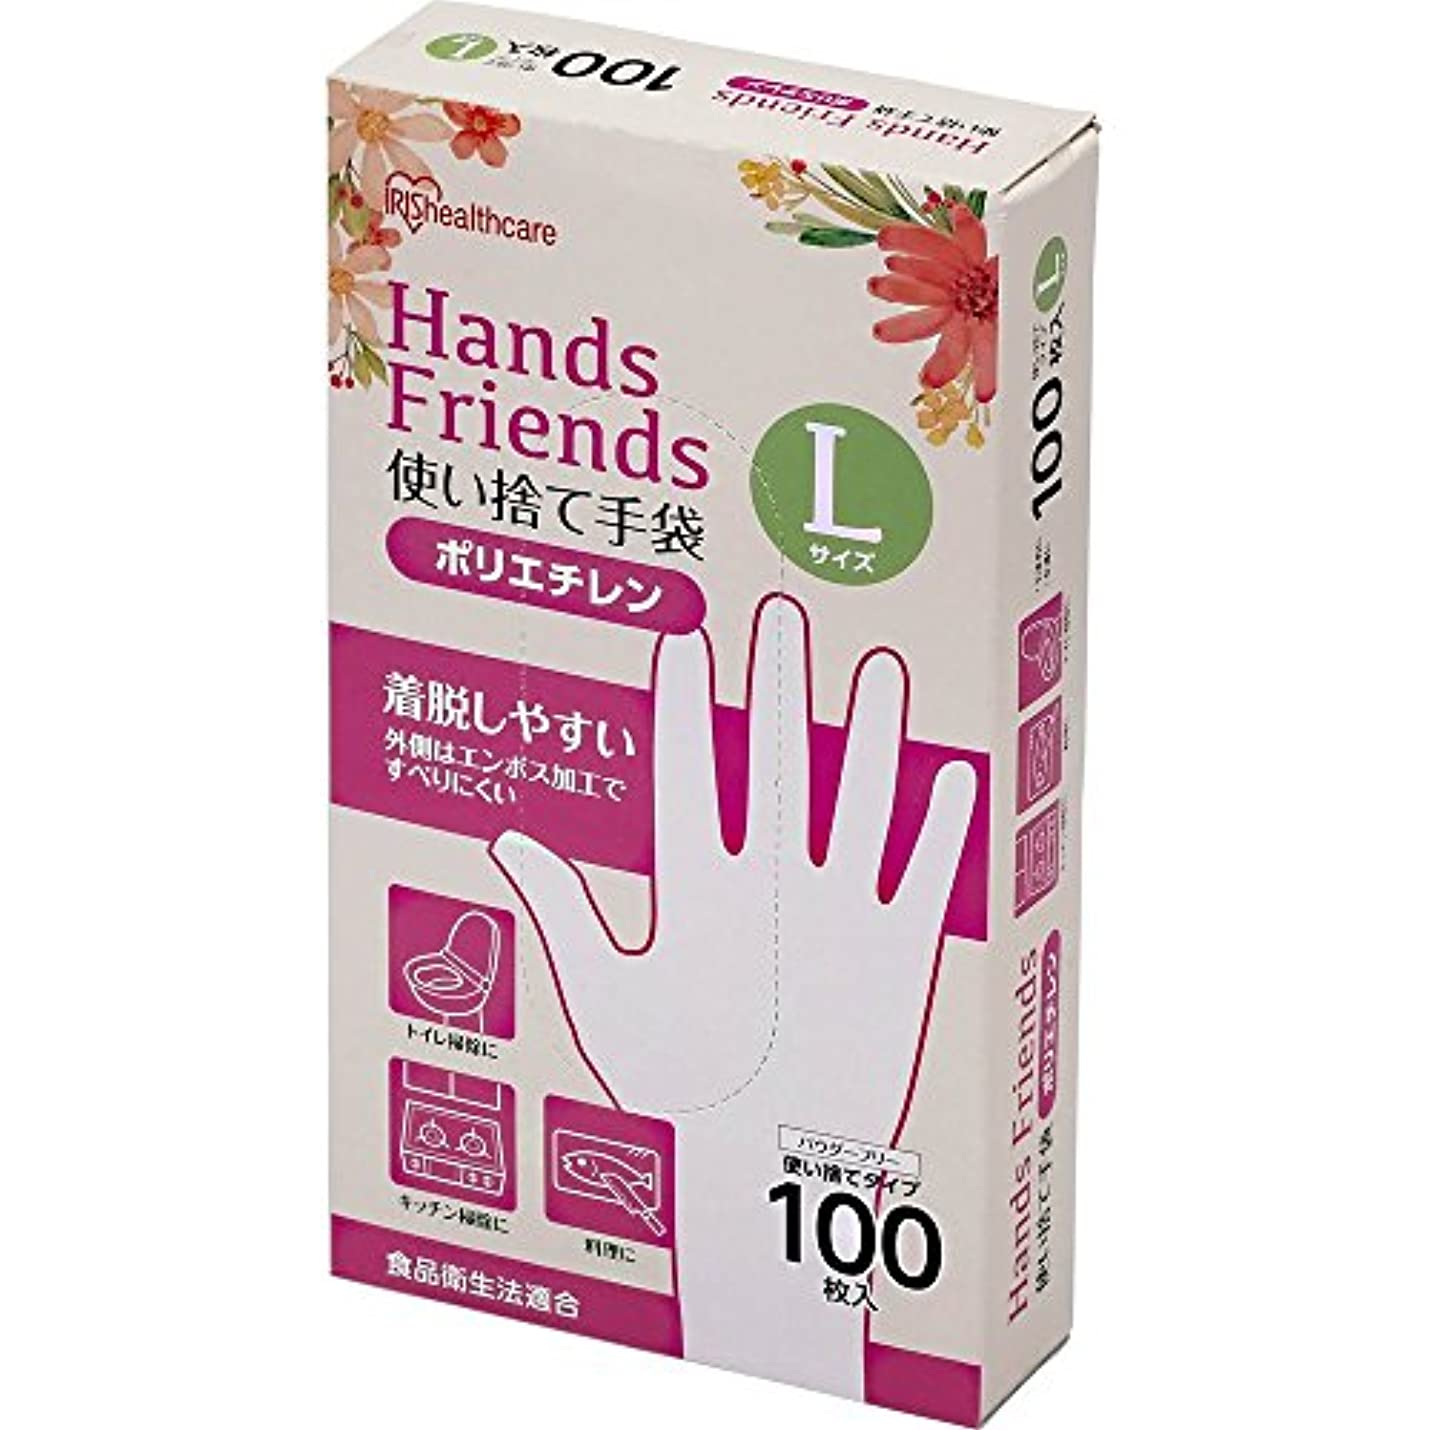 スクラップブックビデオぜいたく使い捨て手袋 ポリエチレン手袋 Lサイズ 粉なし パウダーフリー クリア 100枚入